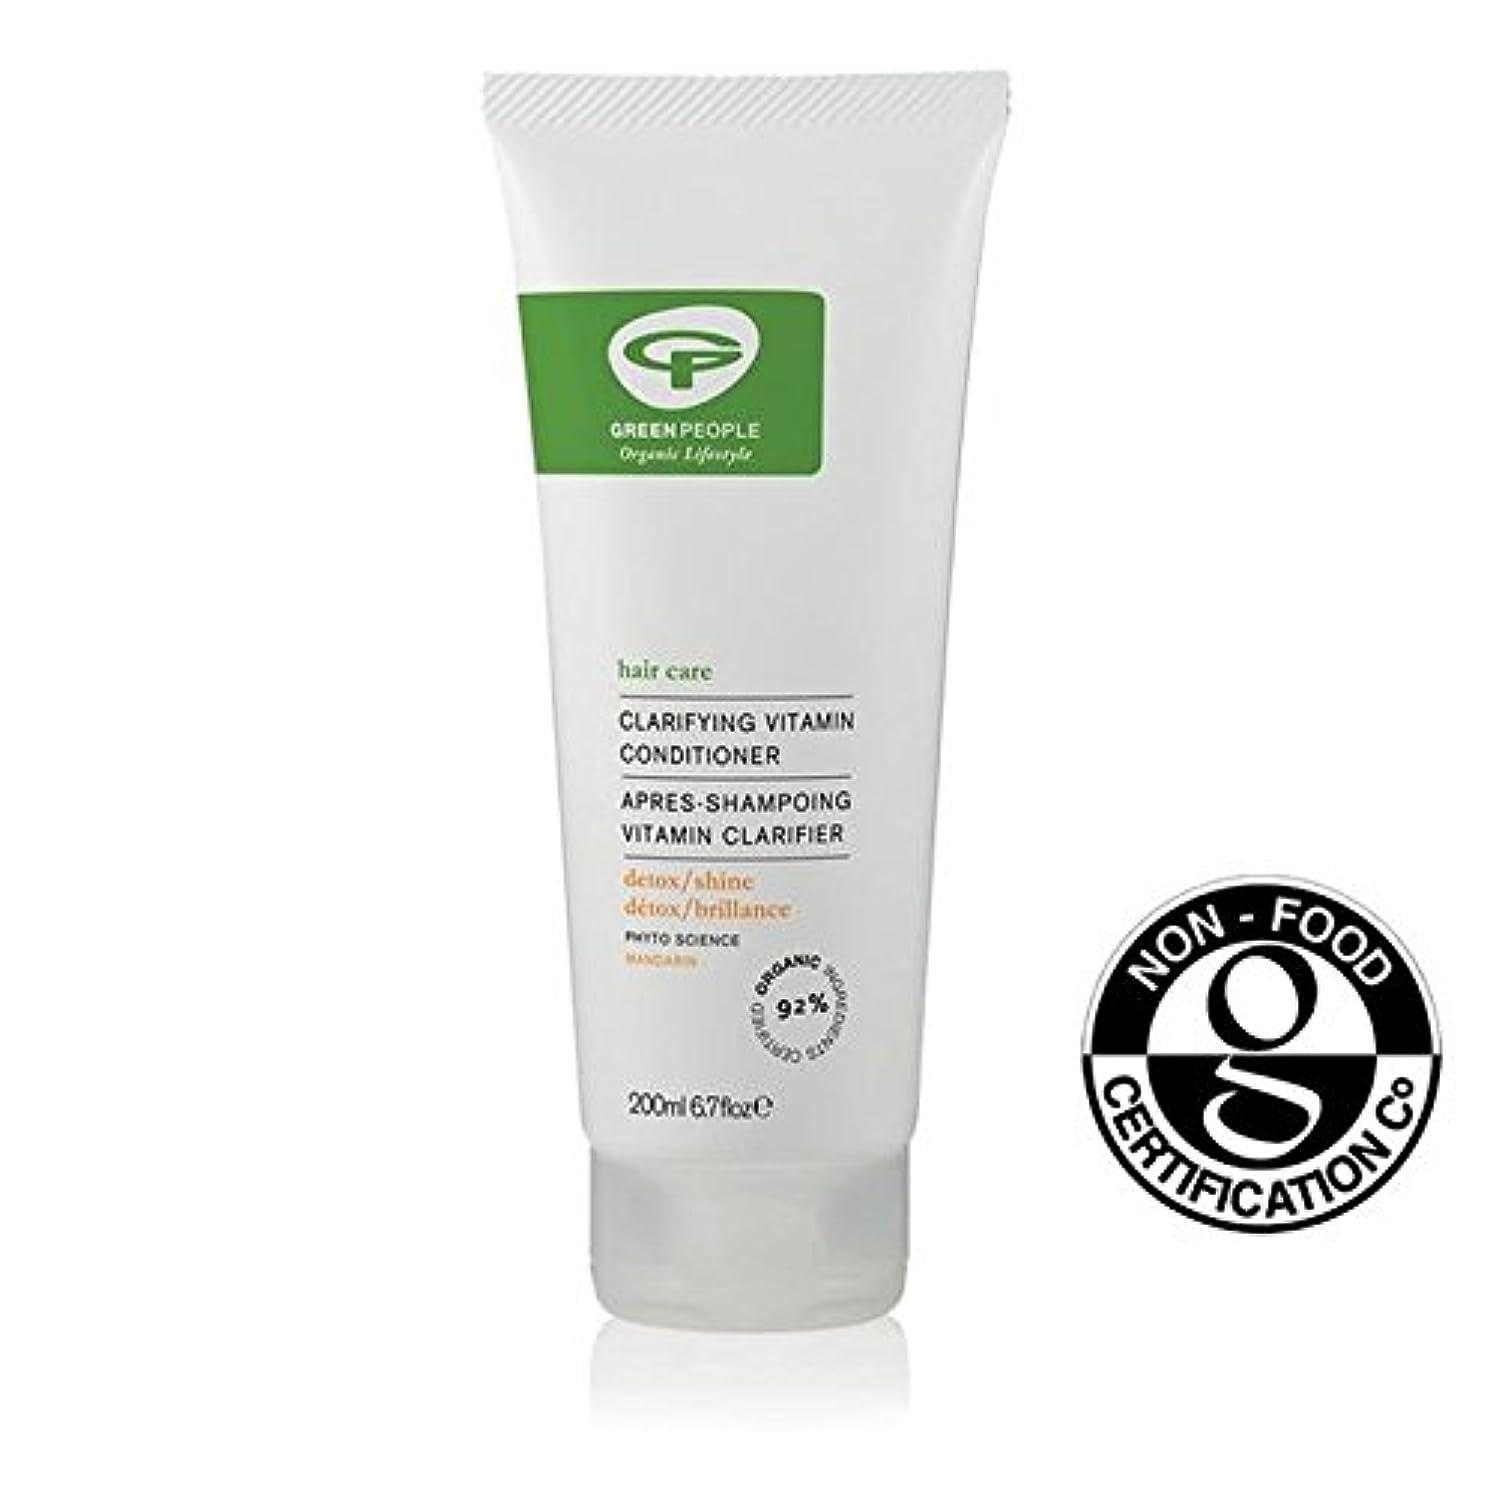 ピーブ味方初心者Green People Organic Clarifying Vitamin Conditioner 200ml - 緑の人々の有機明確ビタミンコンディショナー200 [並行輸入品]